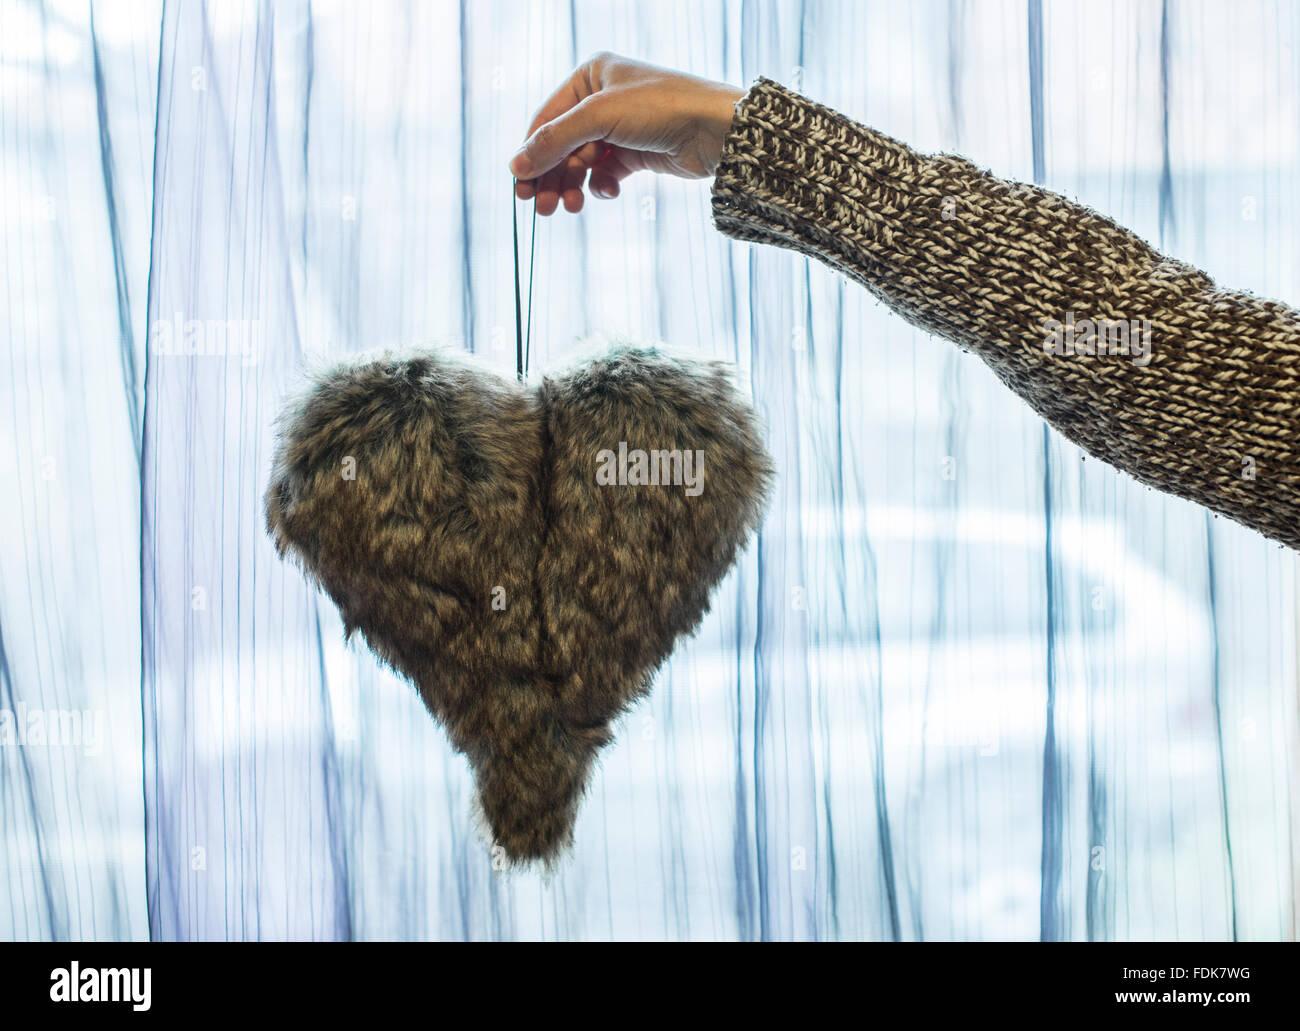 Mano sujetando peludo corazón decoración Imagen De Stock